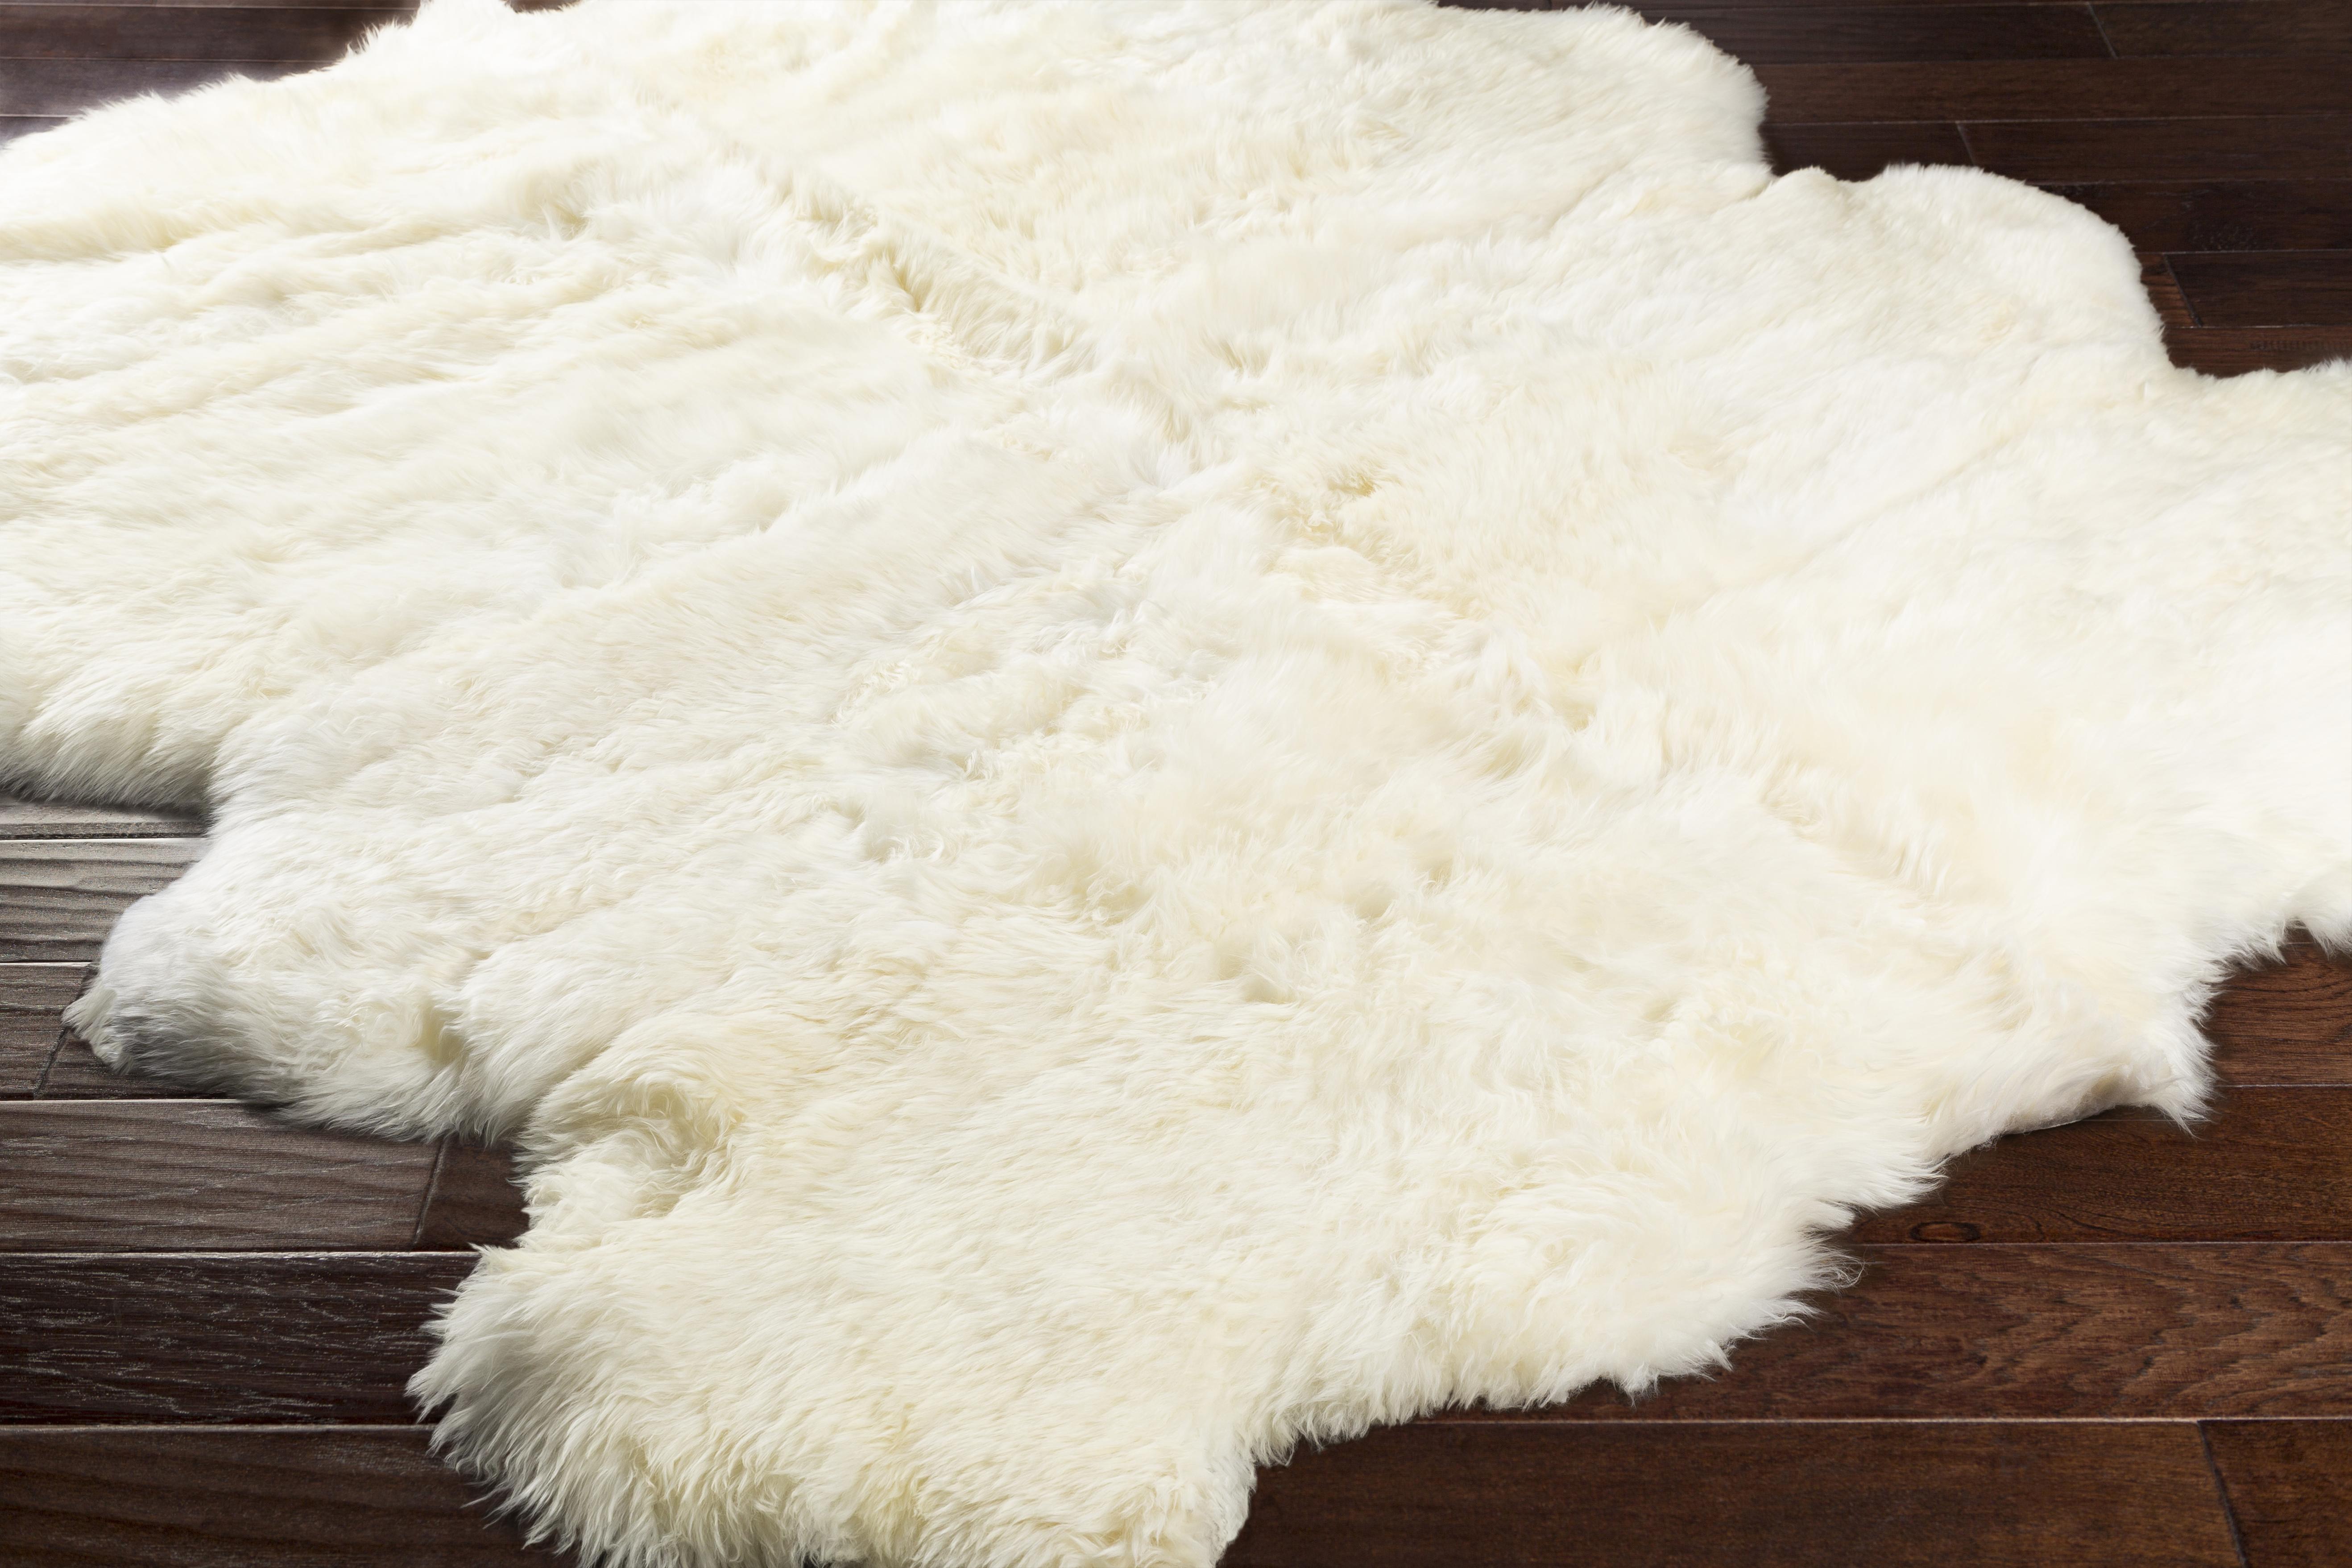 Sheepskin 2' x 3'